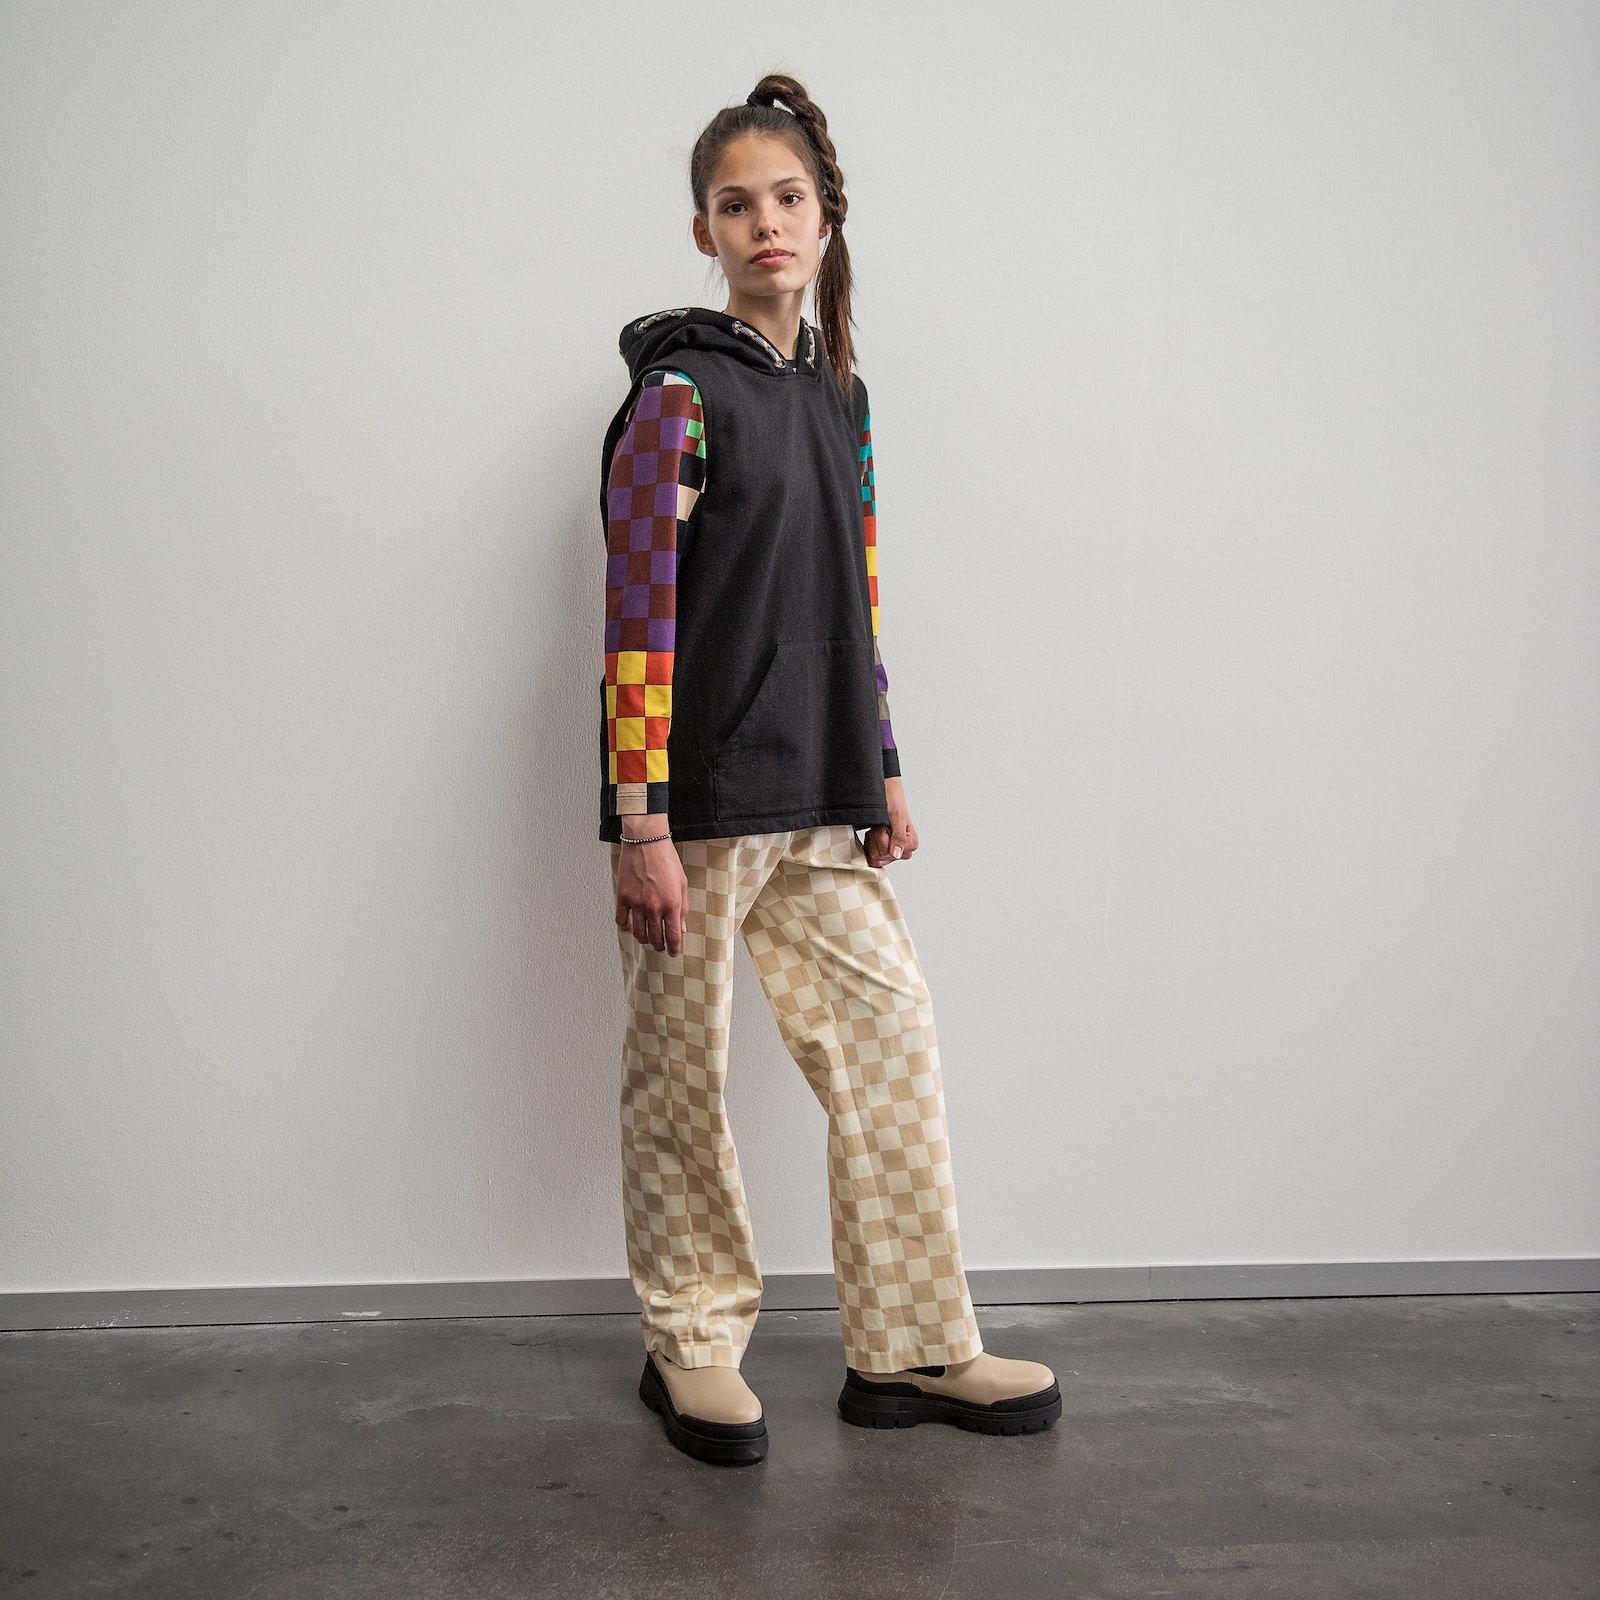 Hoodie waistcoat, 104/4y p62021_211759_230638_43690_22276_p62017_272807_p60034_420420_sskit